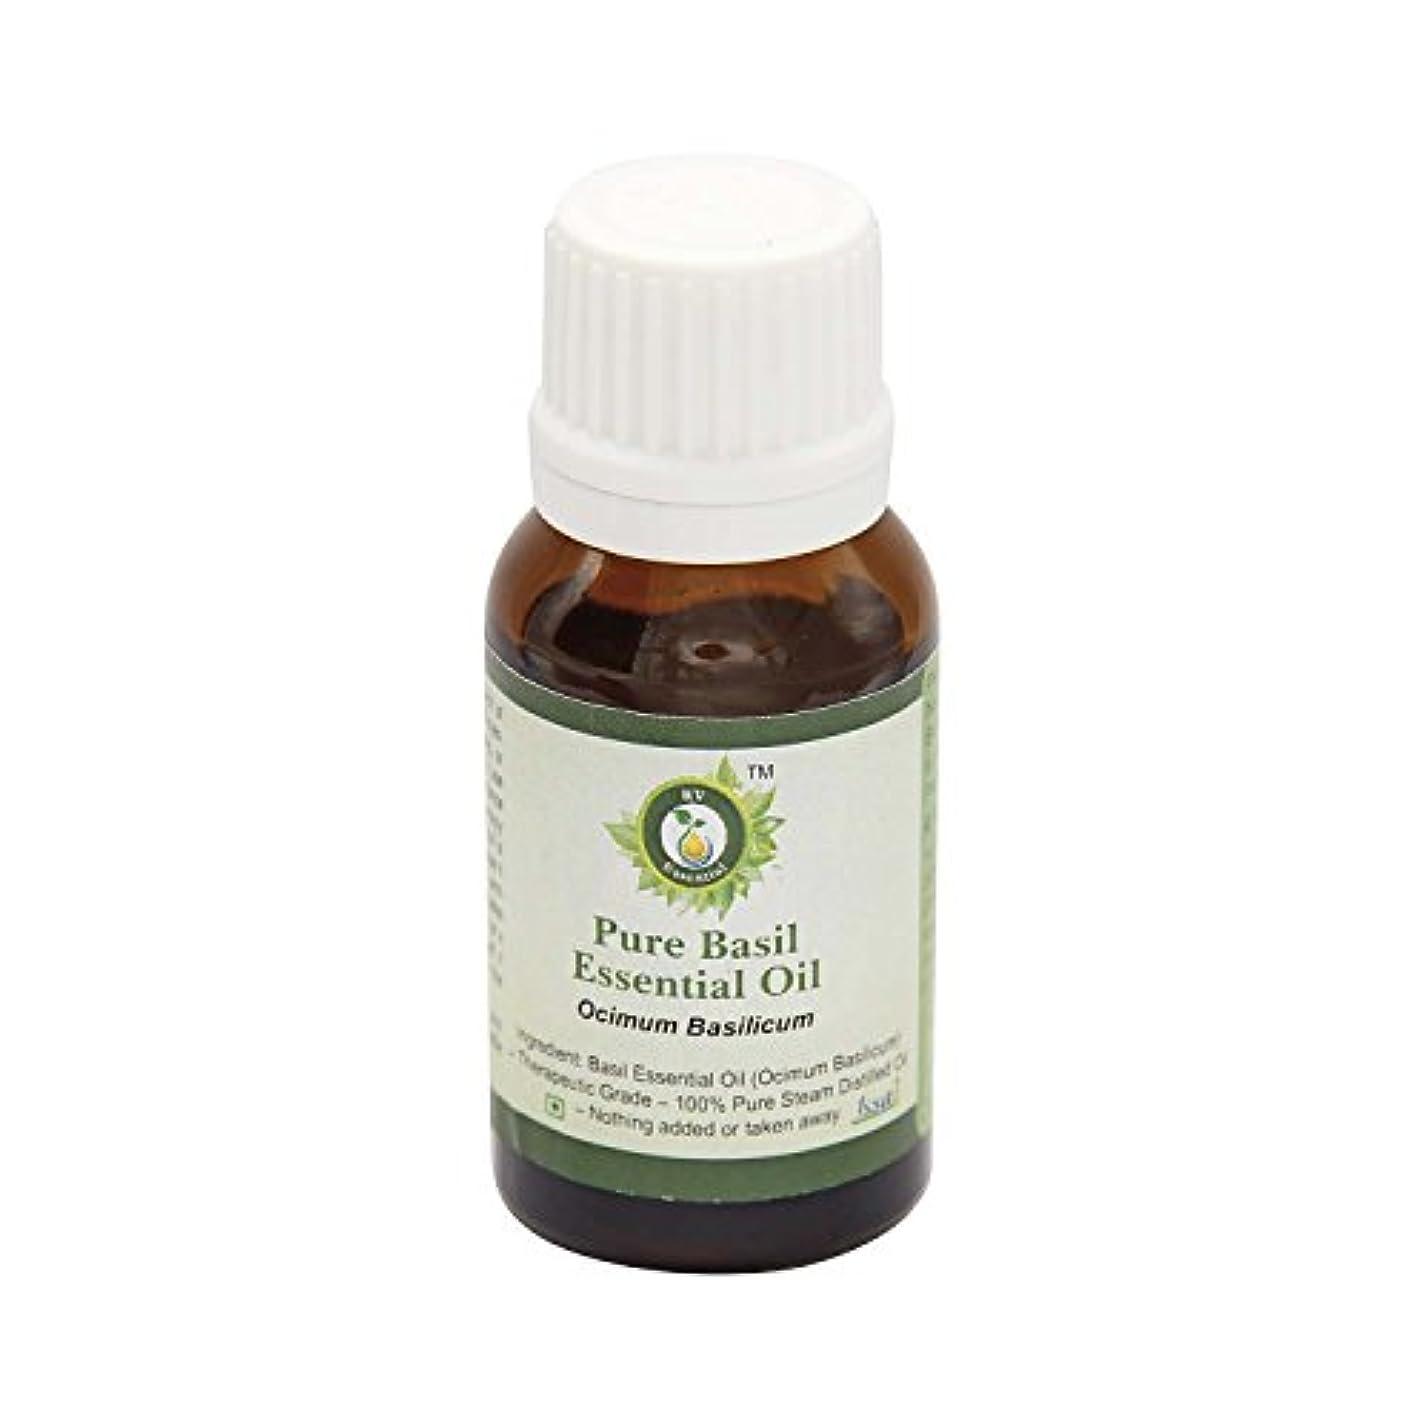 アルバム忍耐六分儀R V Essential ピュアバジルエッセンシャルオイル5ml (0.169oz)- Ocimum Basilicum (100%純粋&天然スチームDistilled) Pure Basil Essential Oil